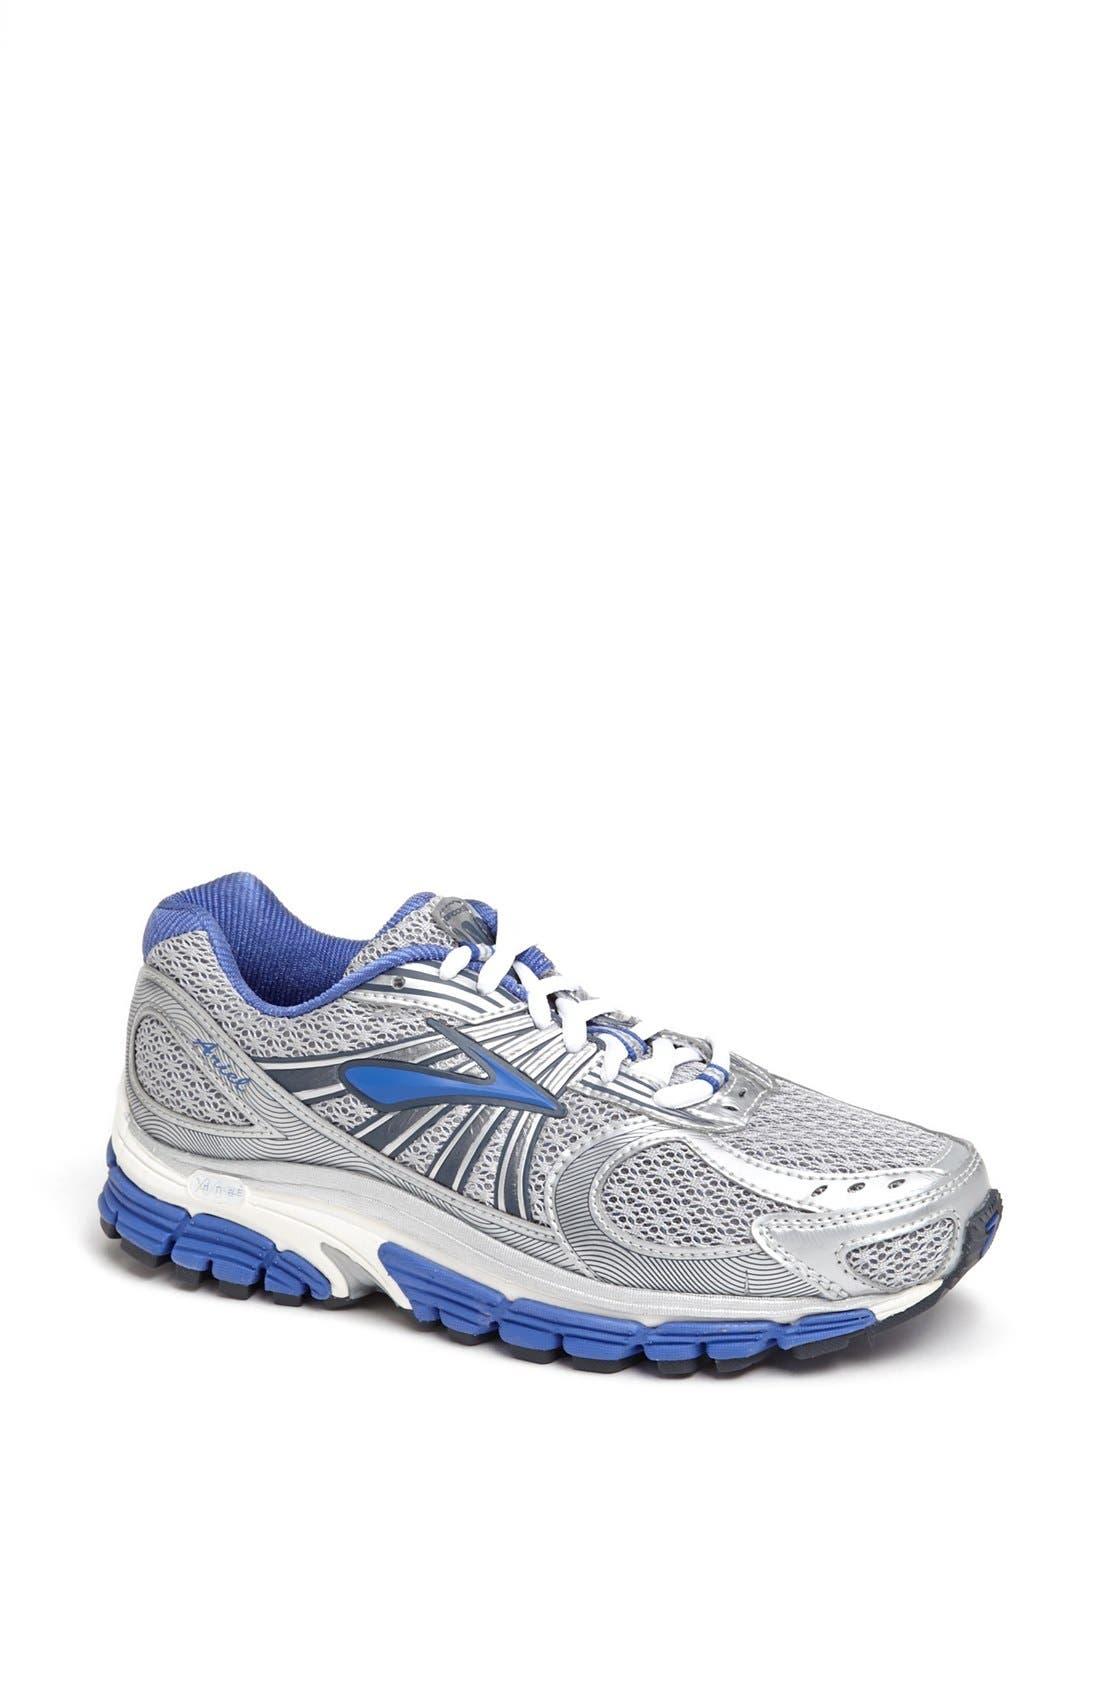 Alternate Image 1 Selected - Brooks 'Ariel' Running Shoe (Women) (Regular Retail Price: $139.95)